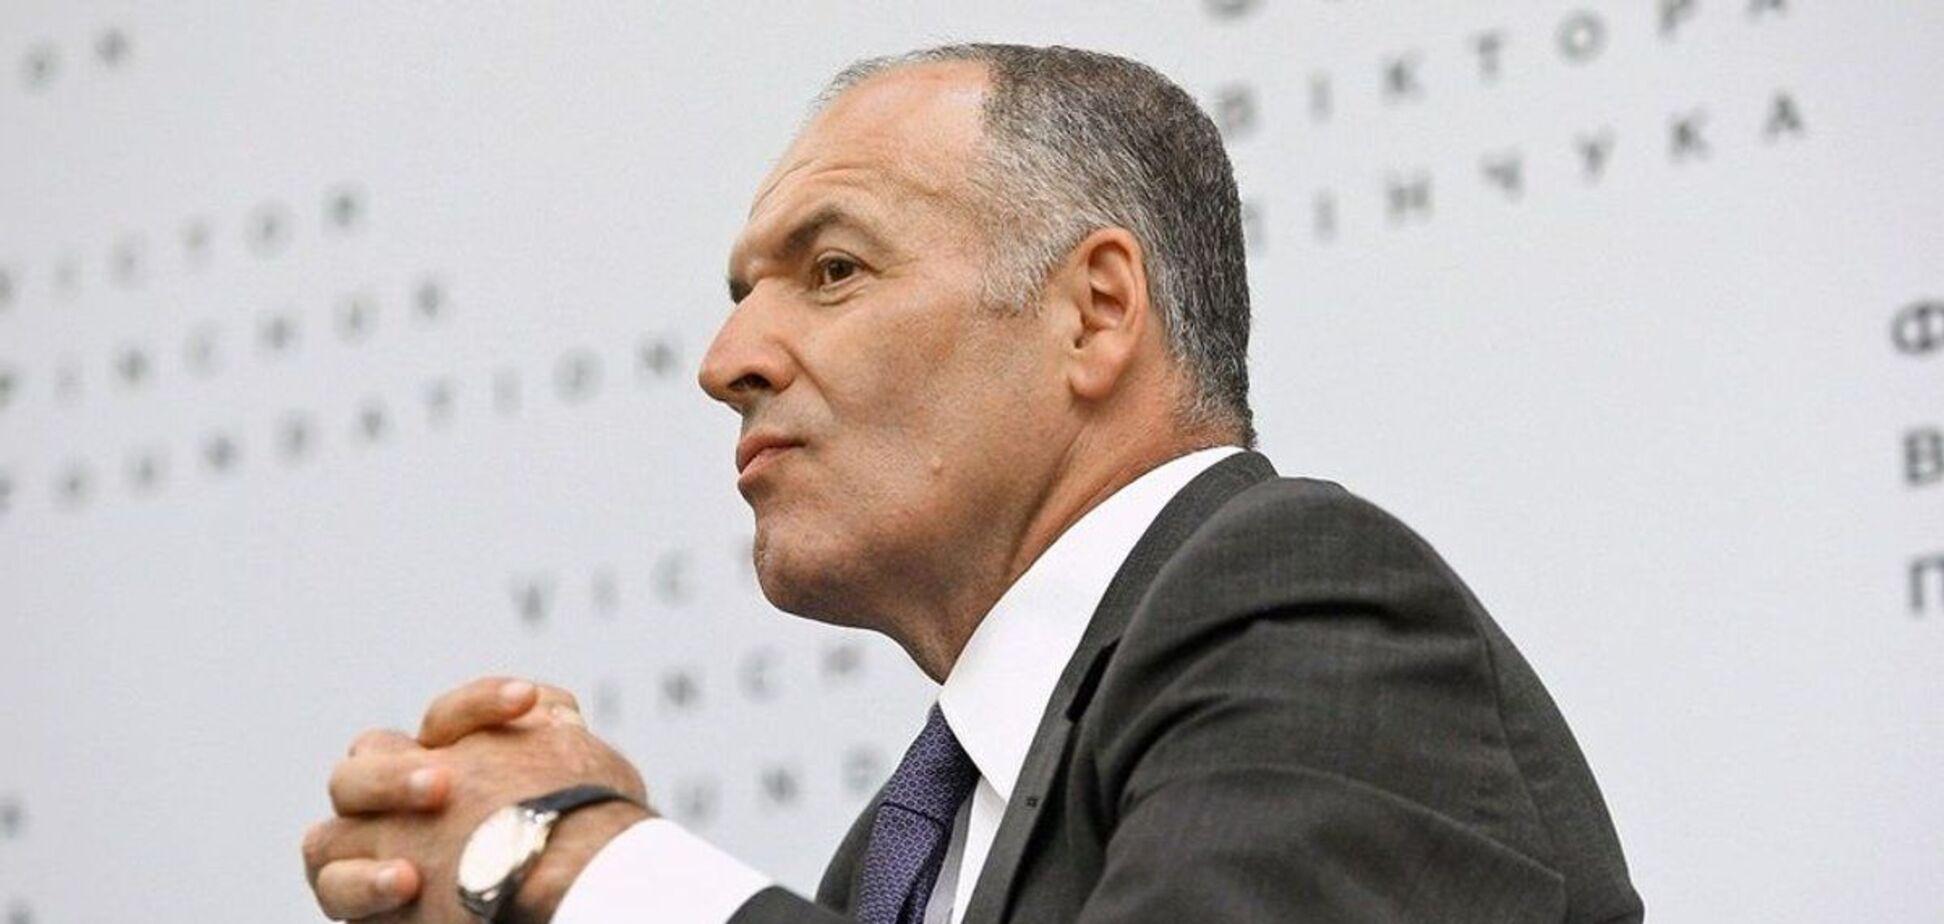 Пинчук портит Украине отношения с НАТО из-за лоббирования импорта с Белорусской АЭС, – политолог